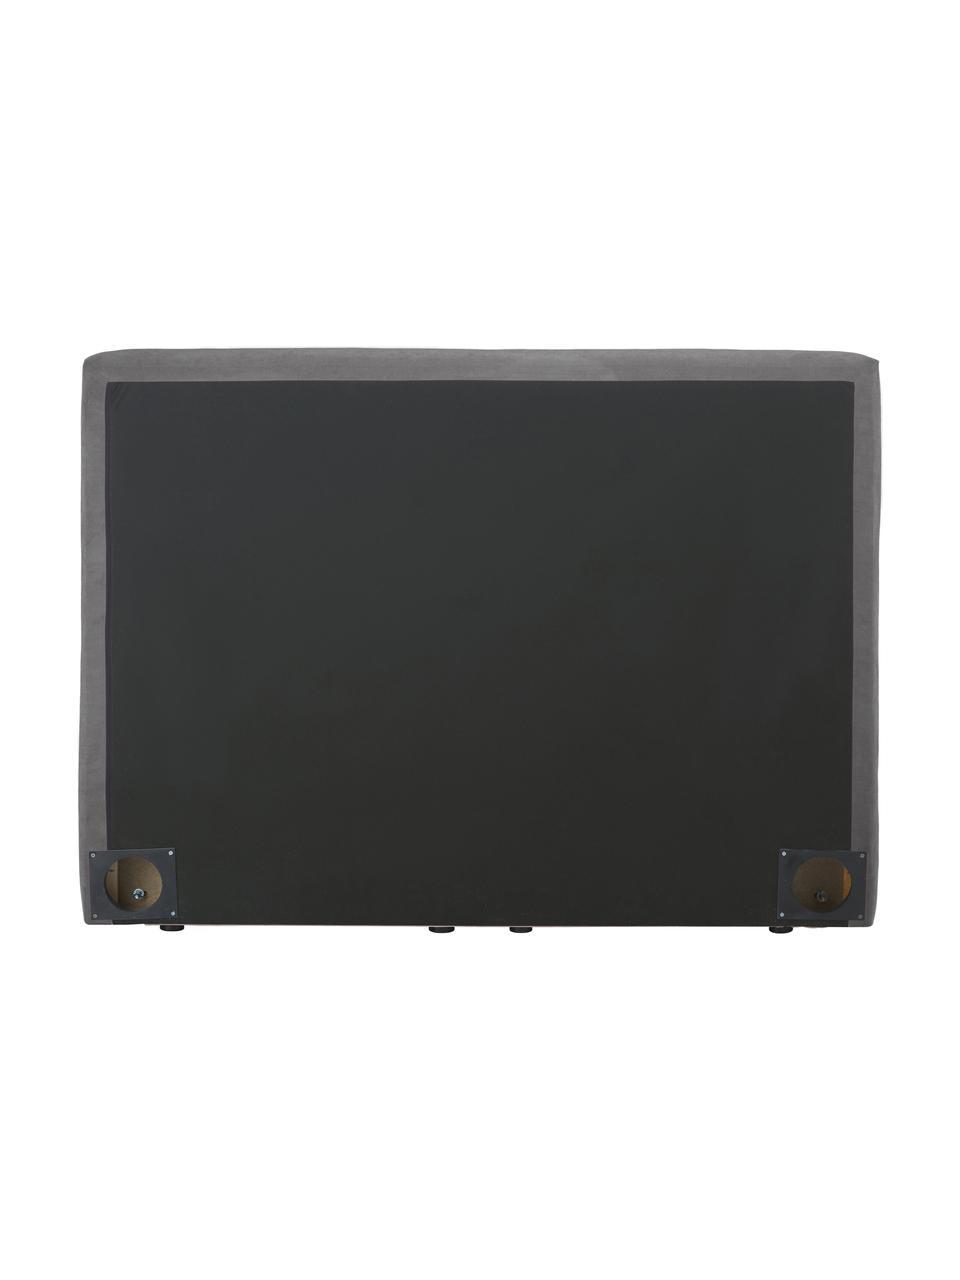 Letto boxspring in tessuto antracite Oberon, Materasso: nucleo a 5 zone di molle , Piedini: plastica, Tessuto antracite, 200 x 200 cm